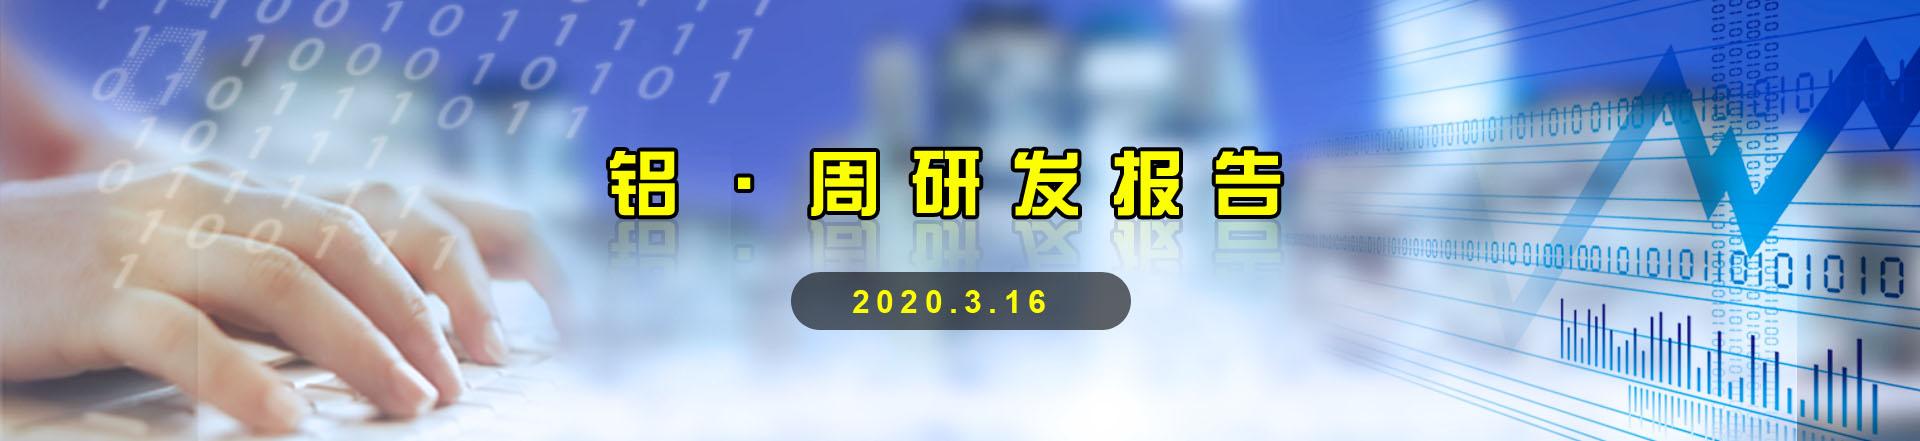 【铝】铝·周研发报告集锦 20200316